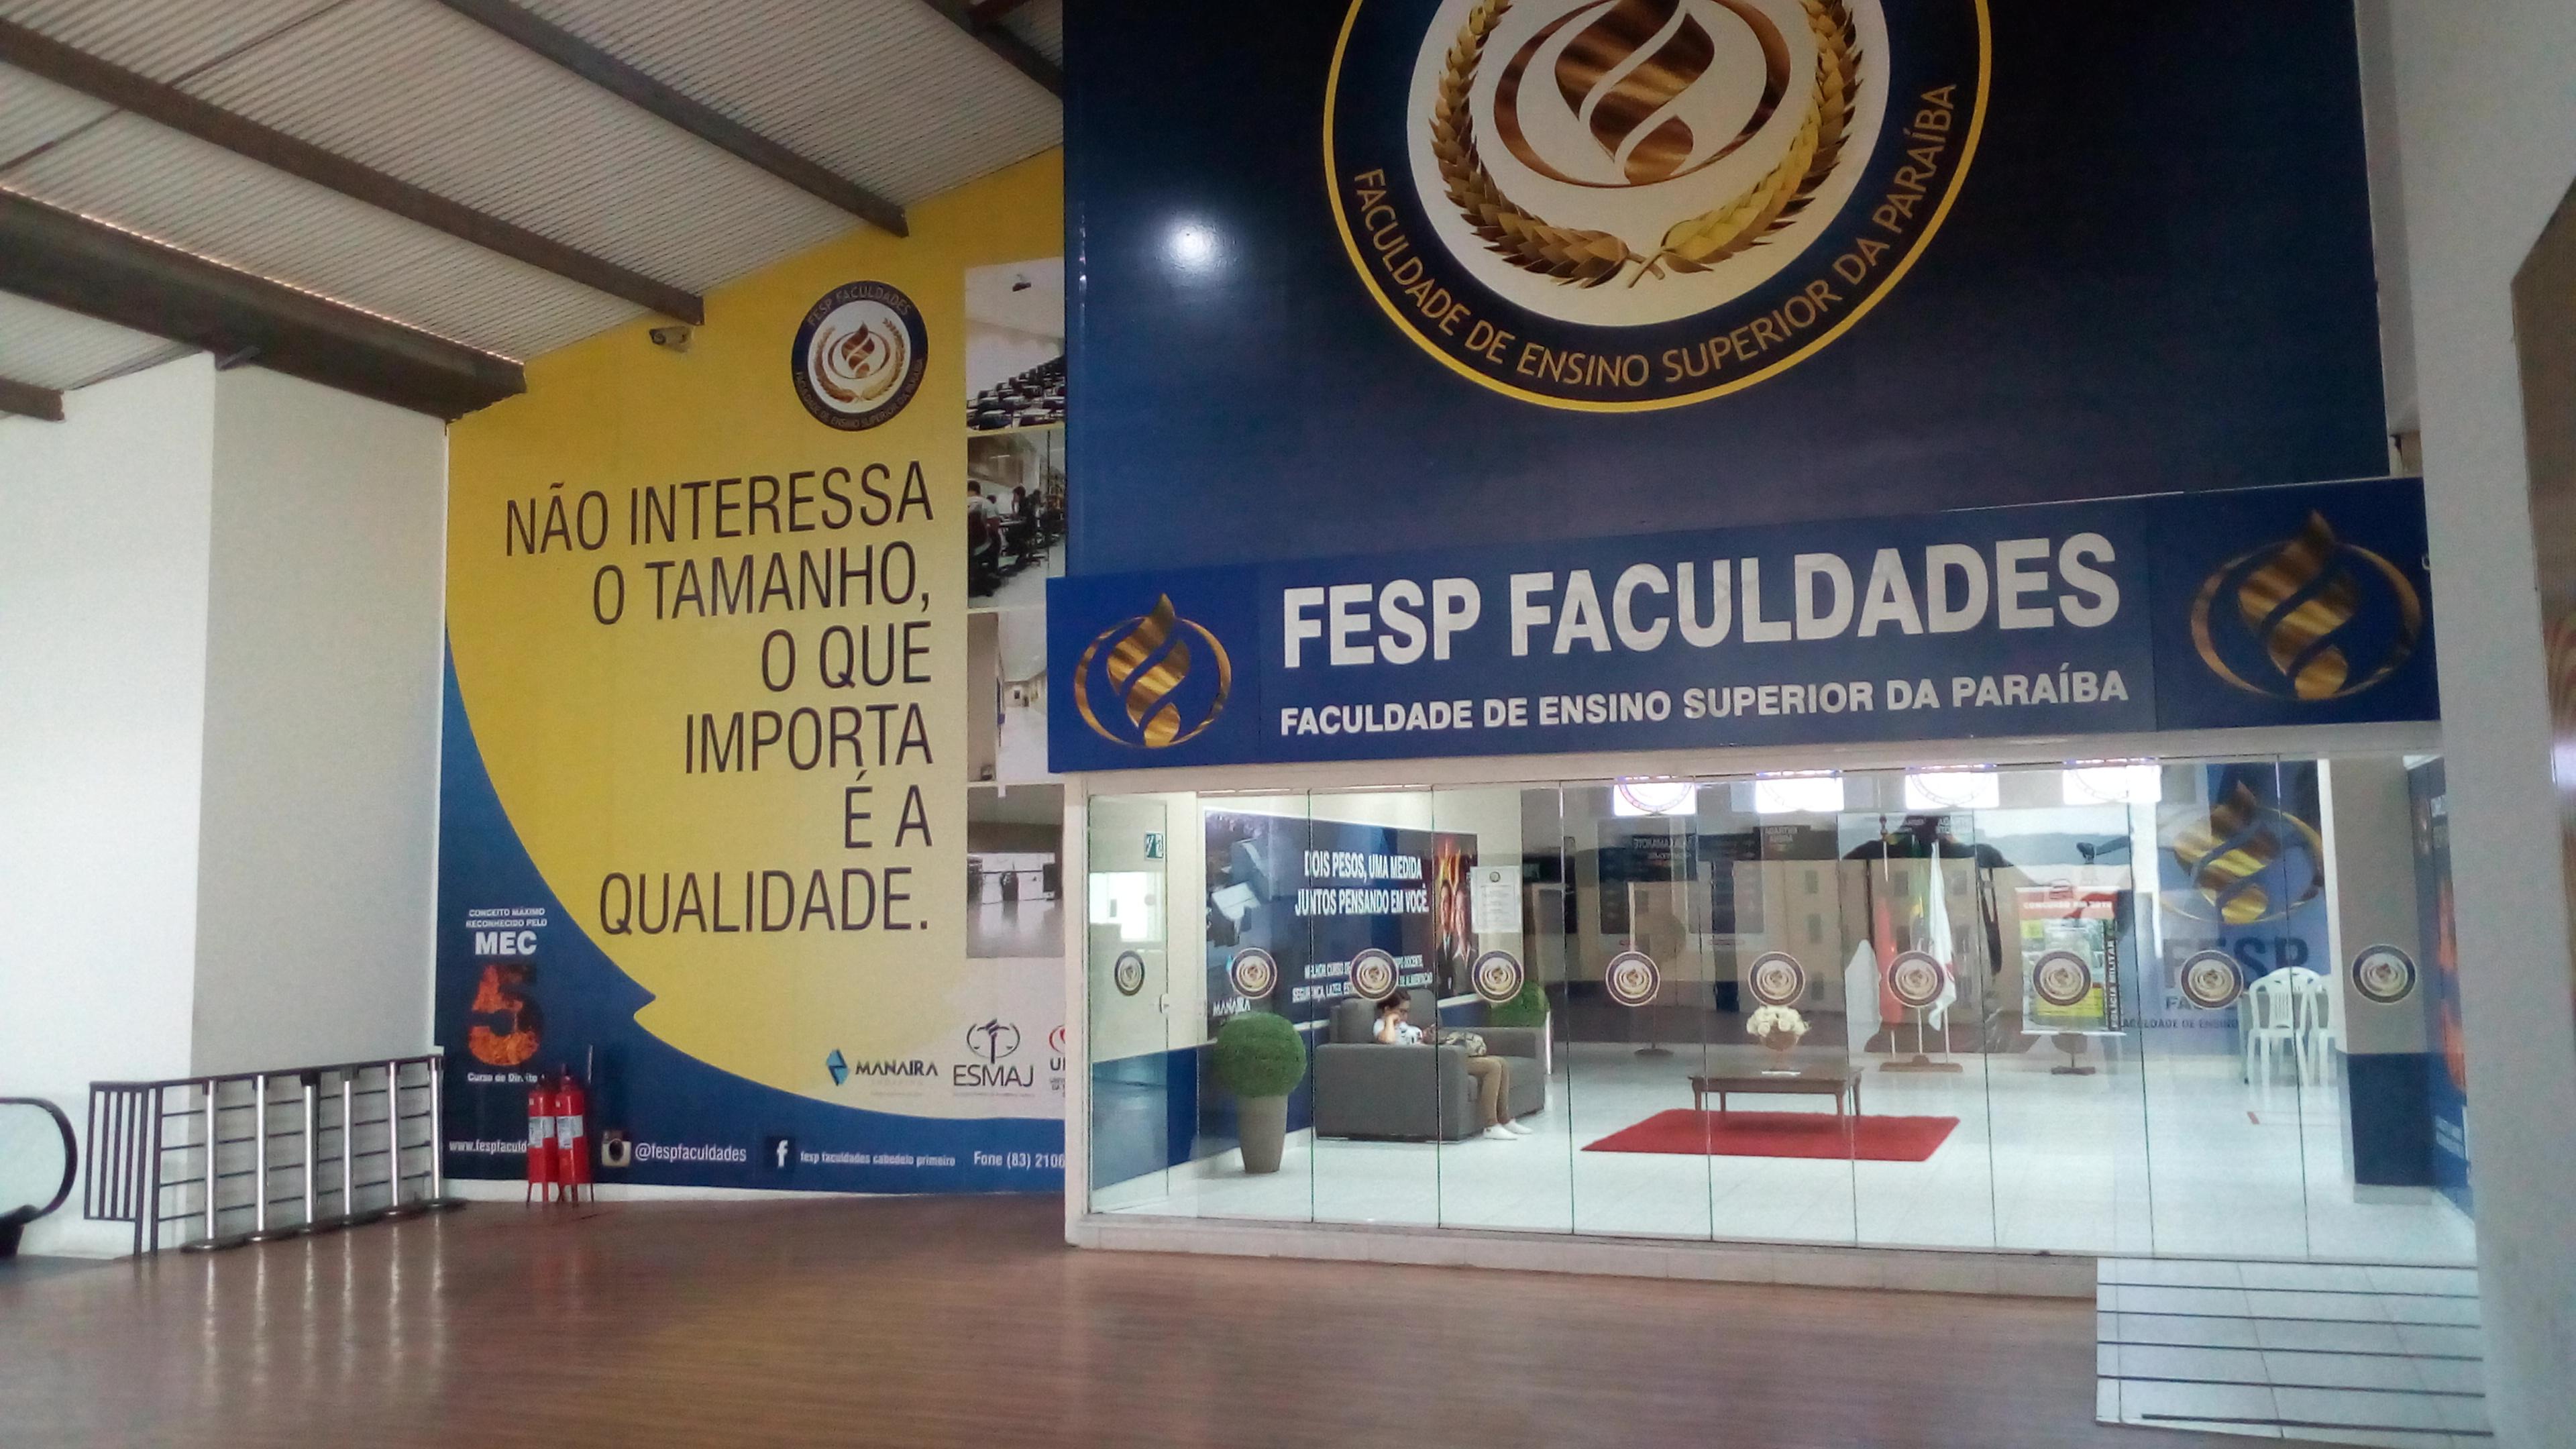 Seja Bem Vindo a Fesp Faculdades!